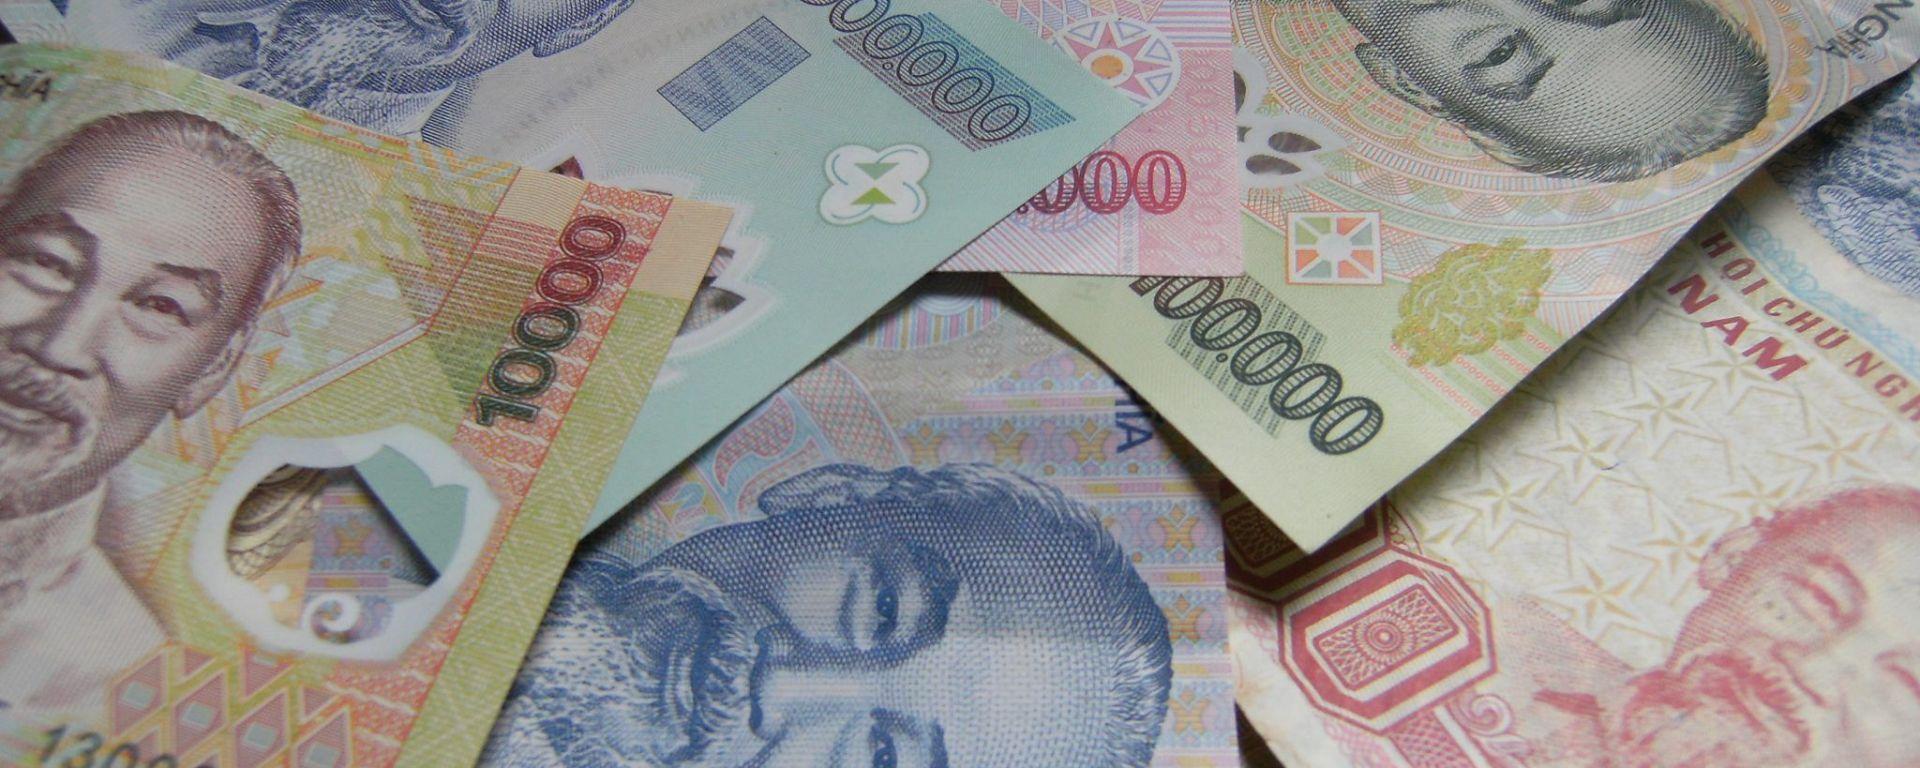 Billetes vietnamitas